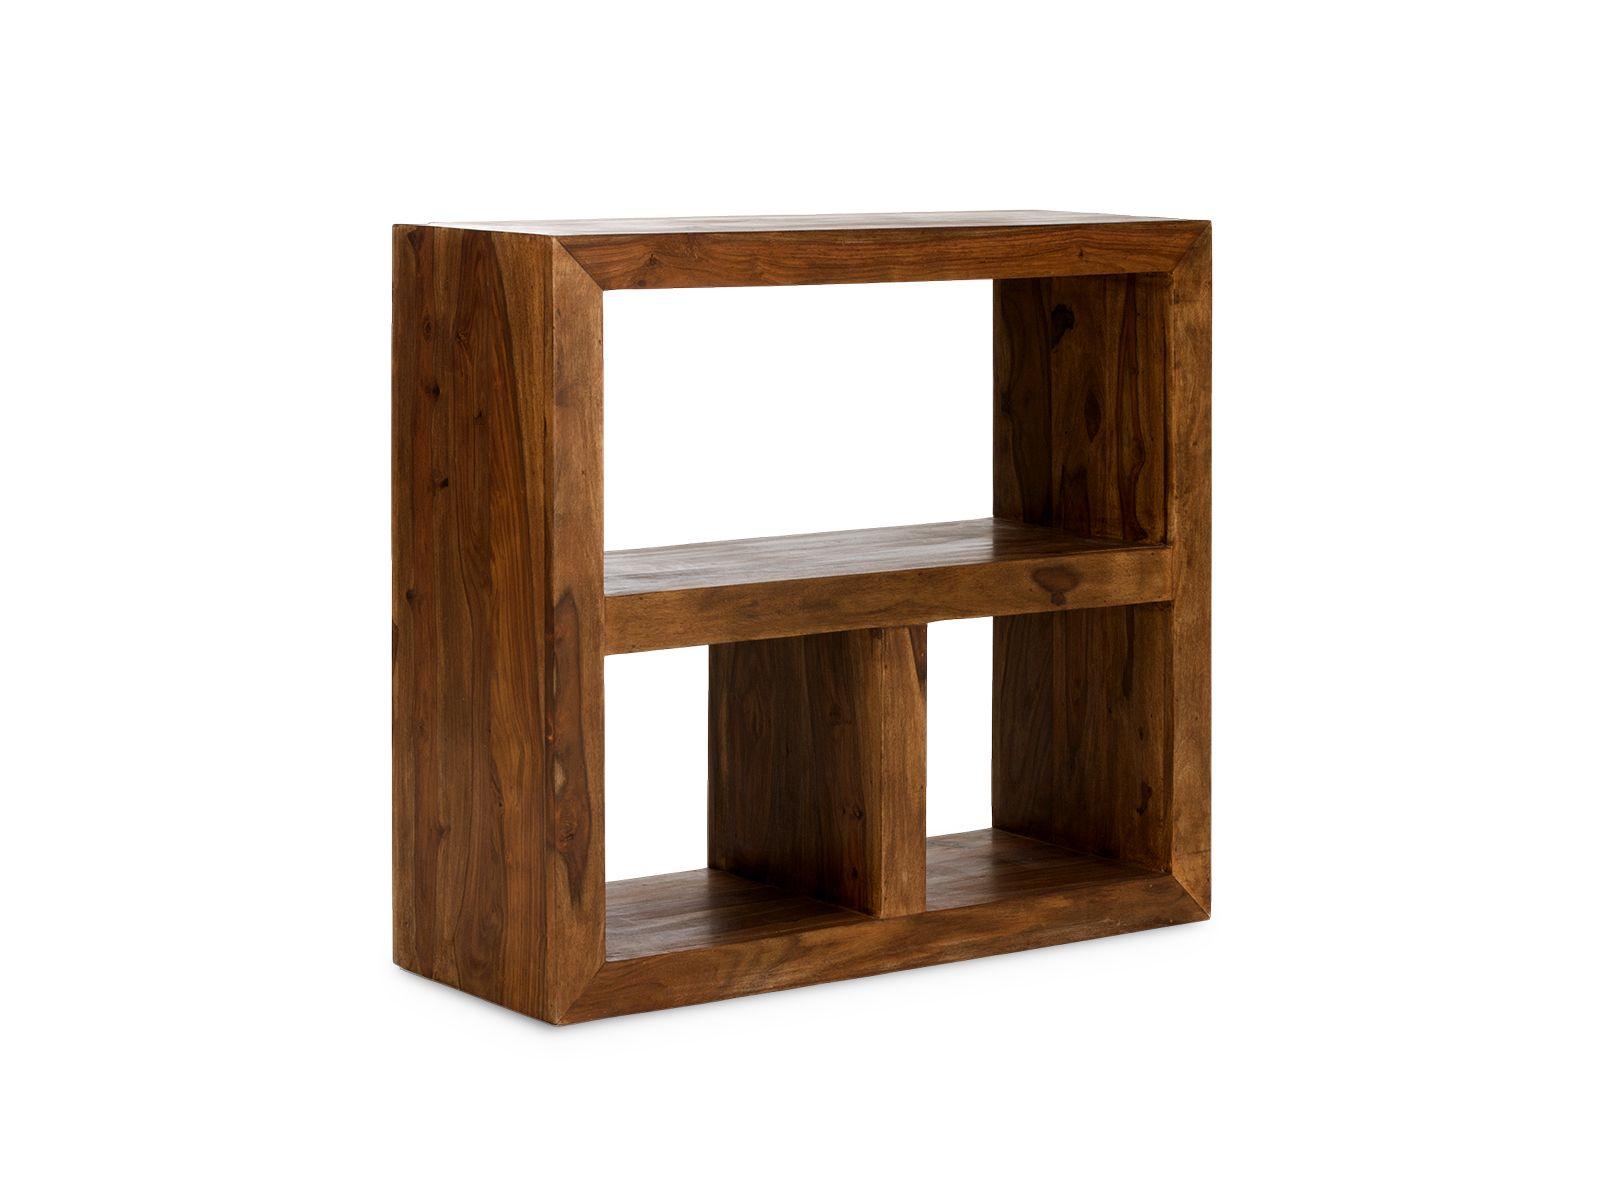 Tag Re Cube Avec 3 Compartiments En Palissandre Miel Consoles  # Vaisselier D'Angle Moderne En Palissandre